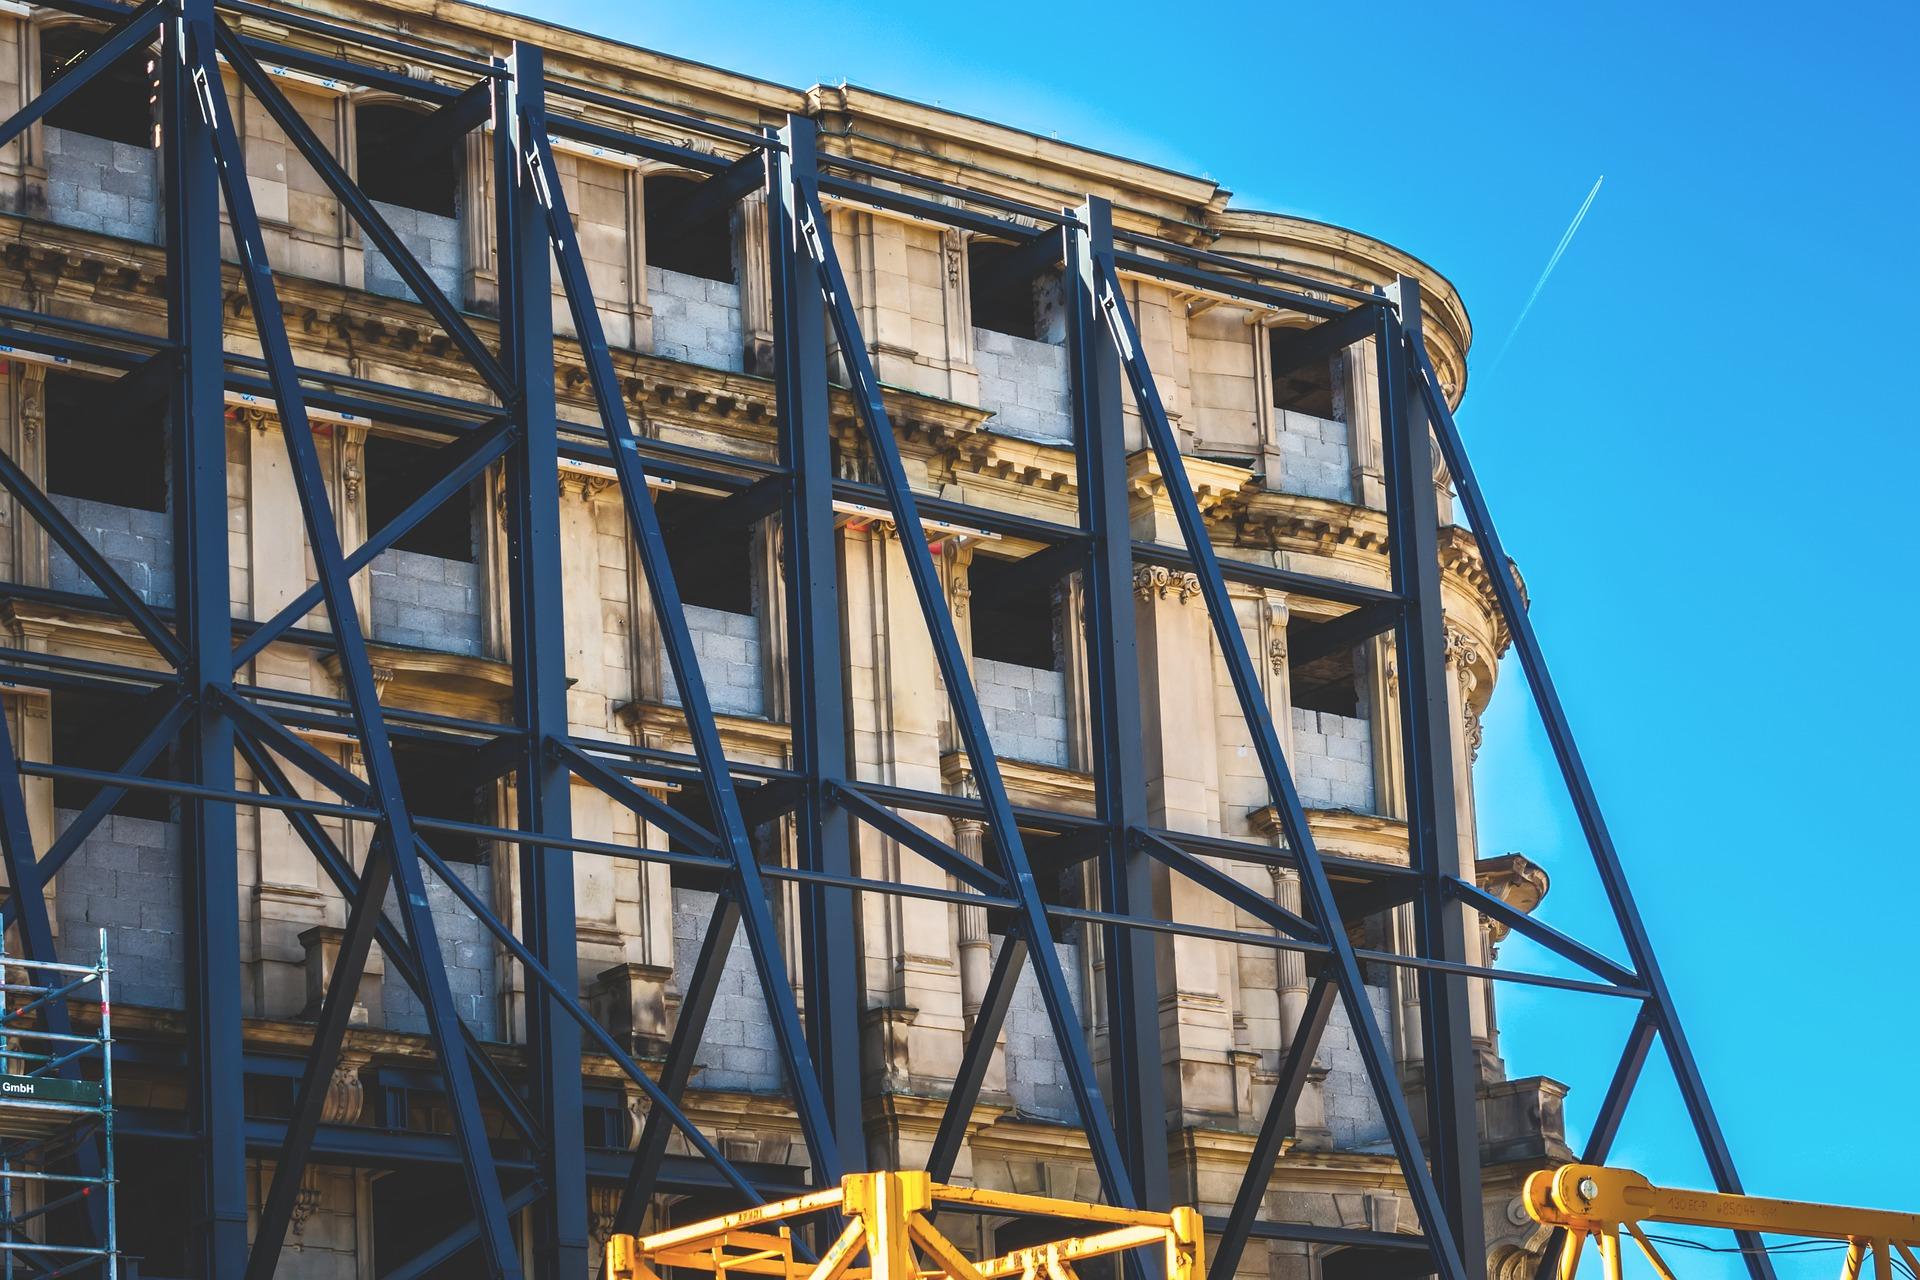 La prime châssis : une aide à la rénovation à Bruxelles et partout en Belgique